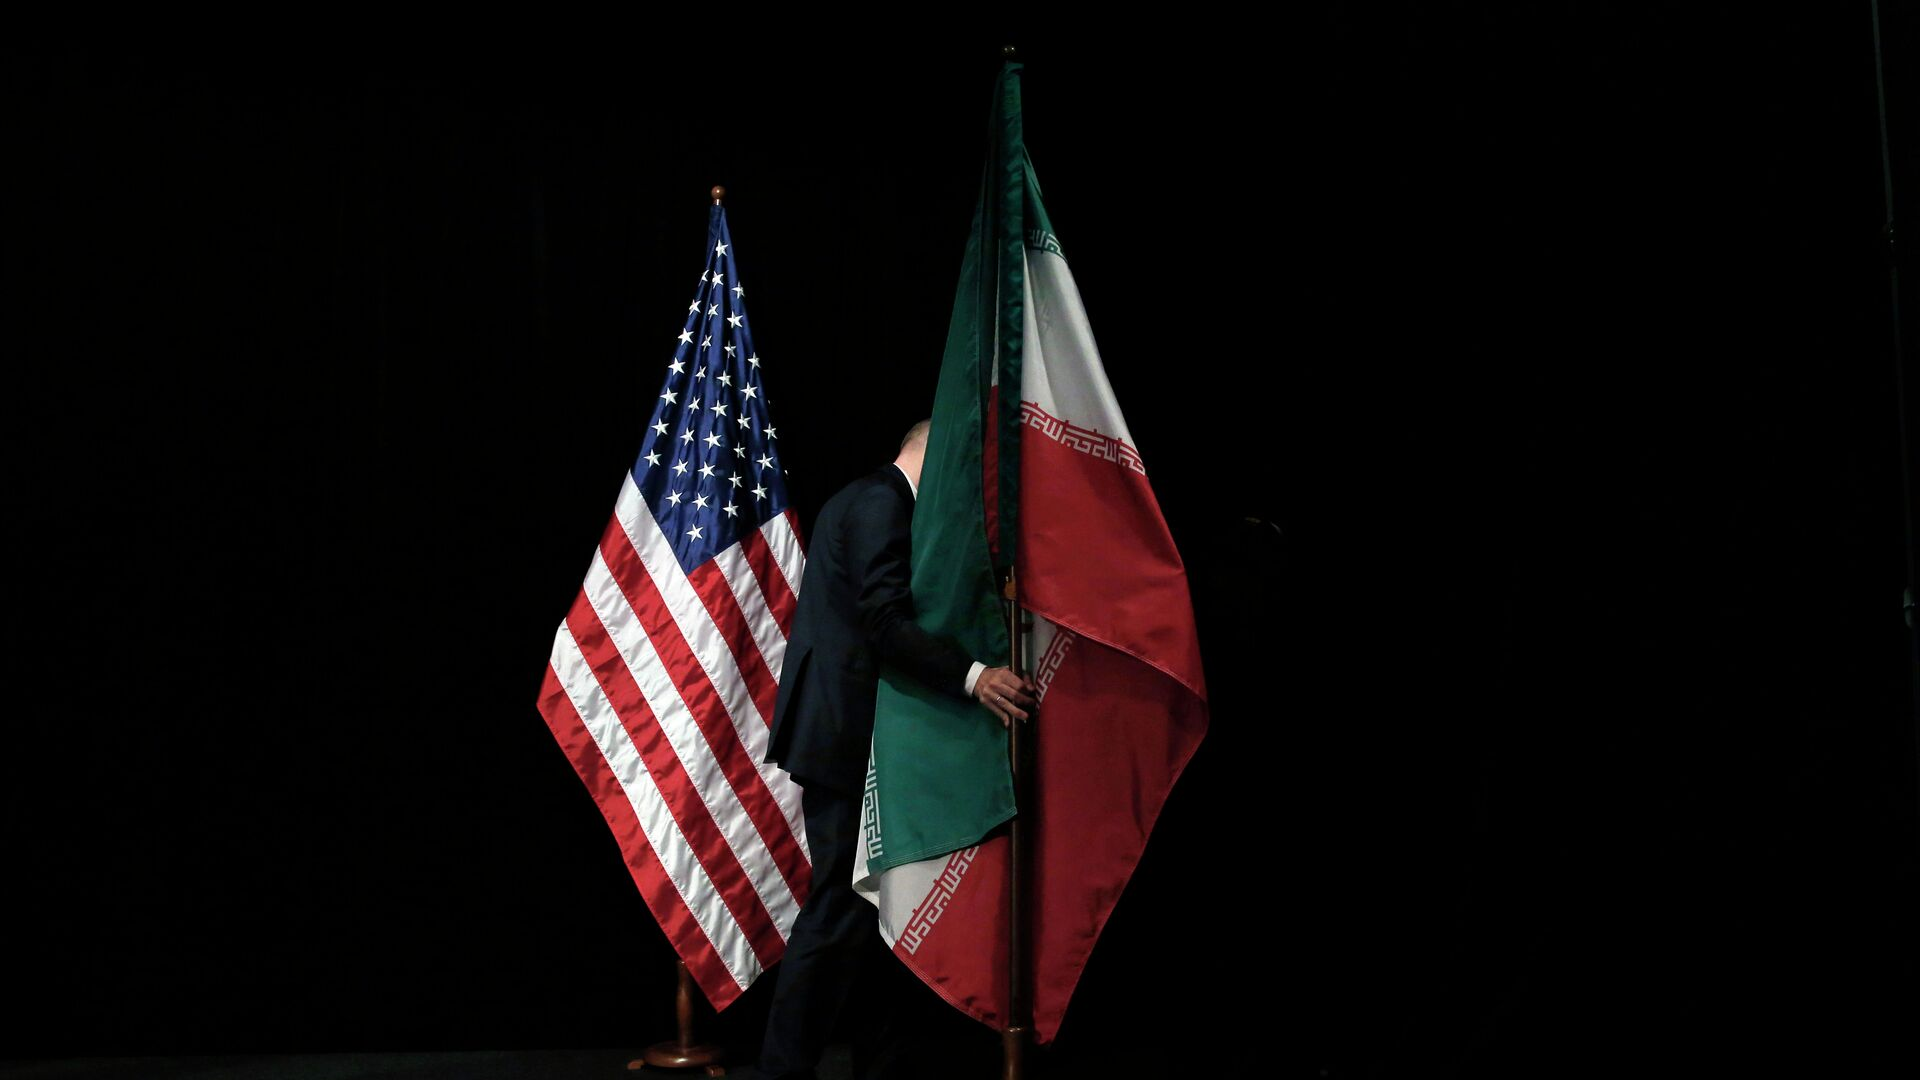 Banderas de EEUU e Irán - Sputnik Mundo, 1920, 04.02.2021